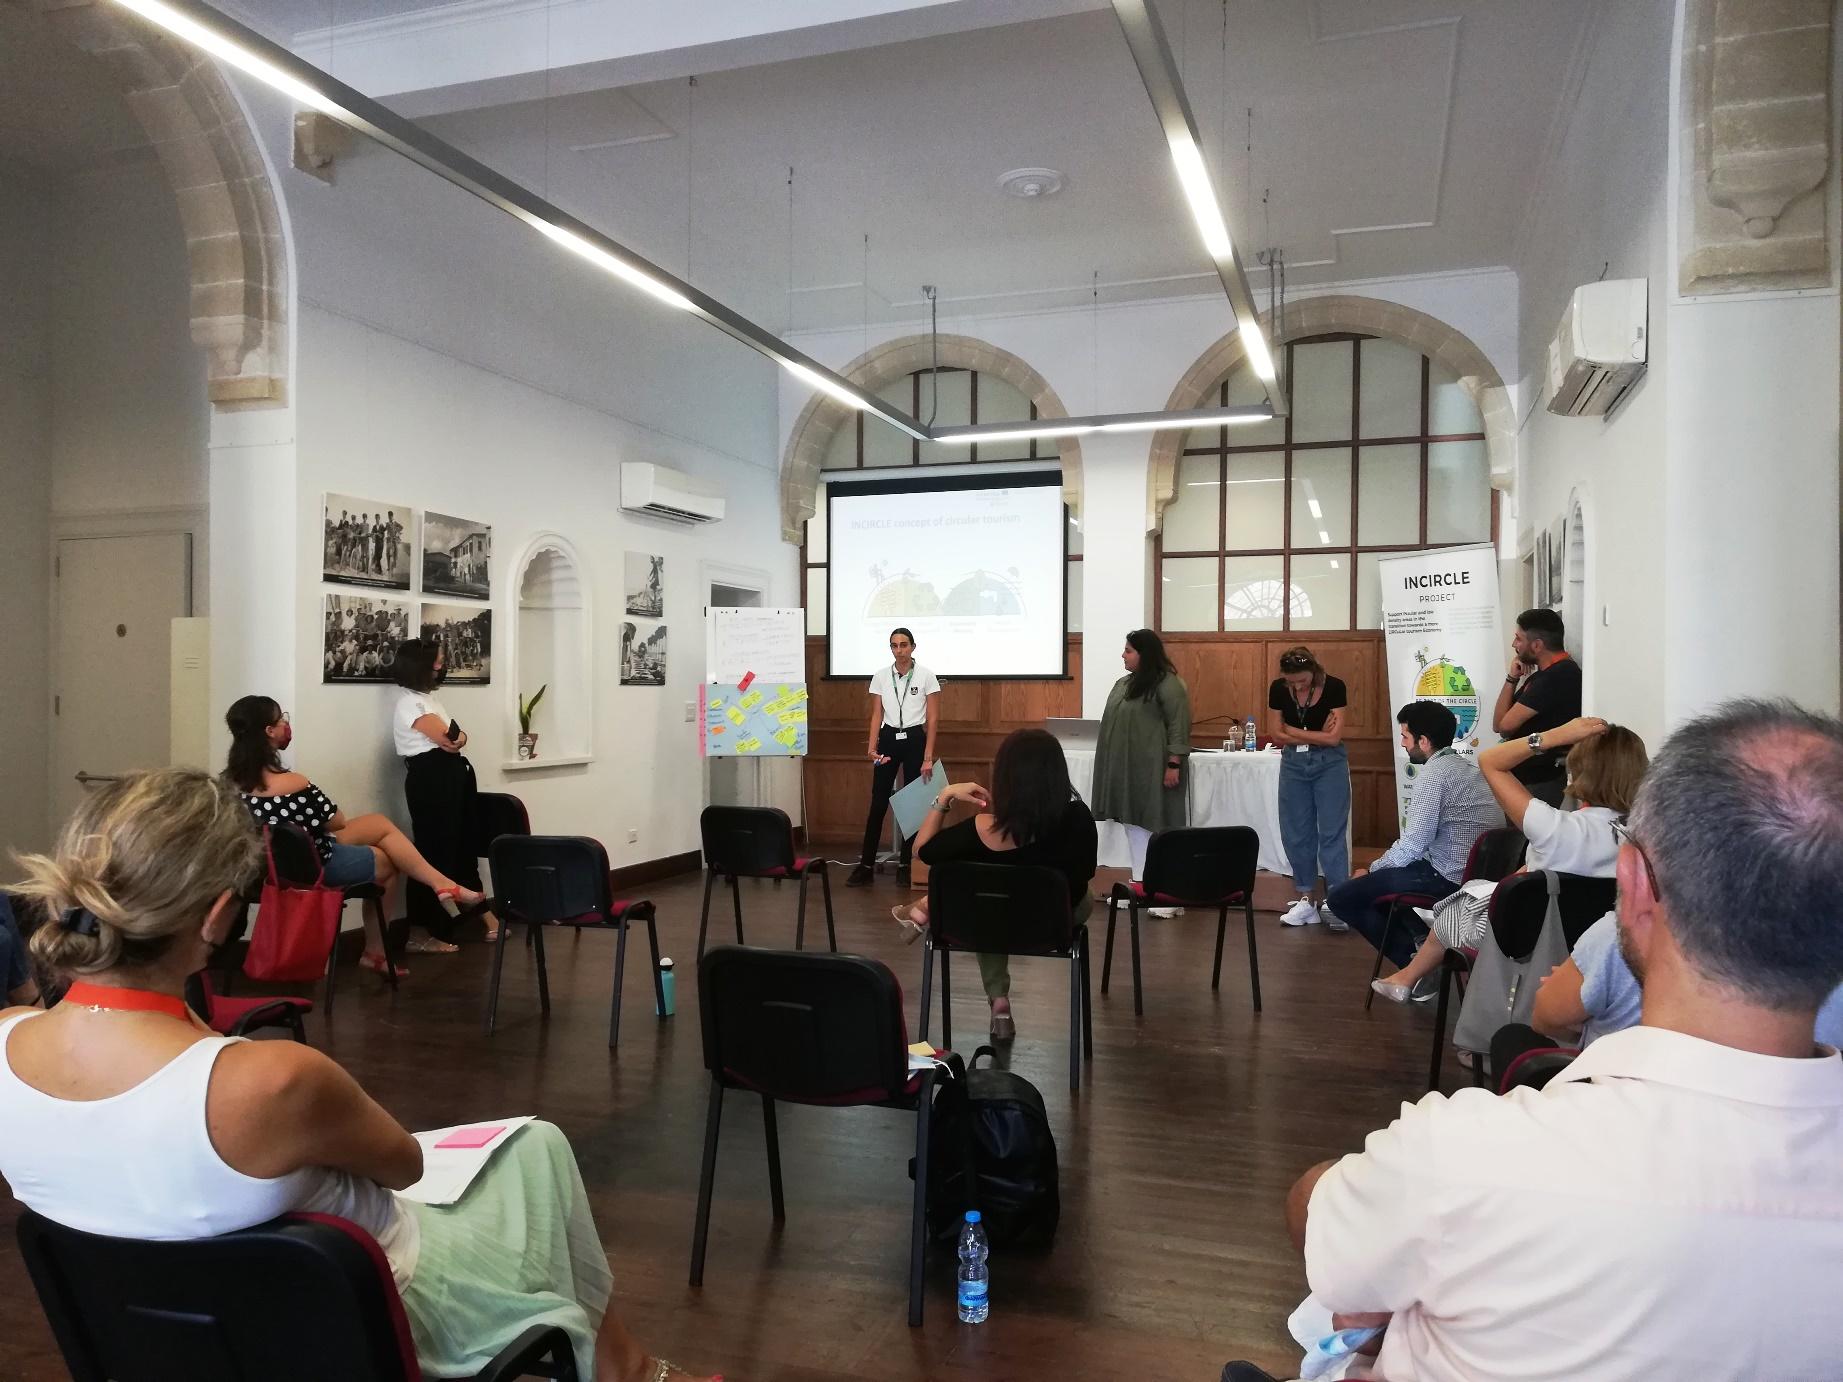 Με επιτυχία η πρώτη σύσκεψη Εμπειρογνωμόνων, Πολιτικών / Δημοτικών Αρχών και Δημοτών στη Λάρνακα (φώτο)